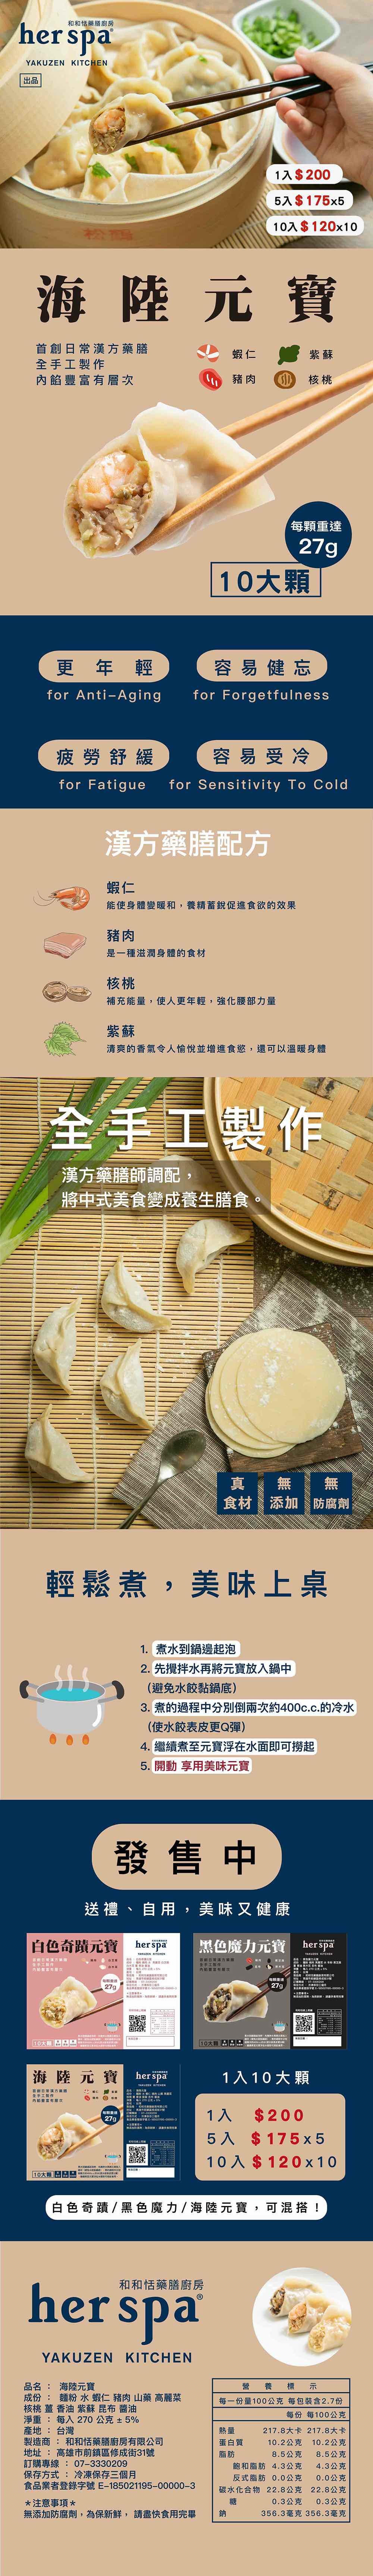 傳統酸梅湯 水餃超值組合 水餃調理包 養生水餃 手工水餃